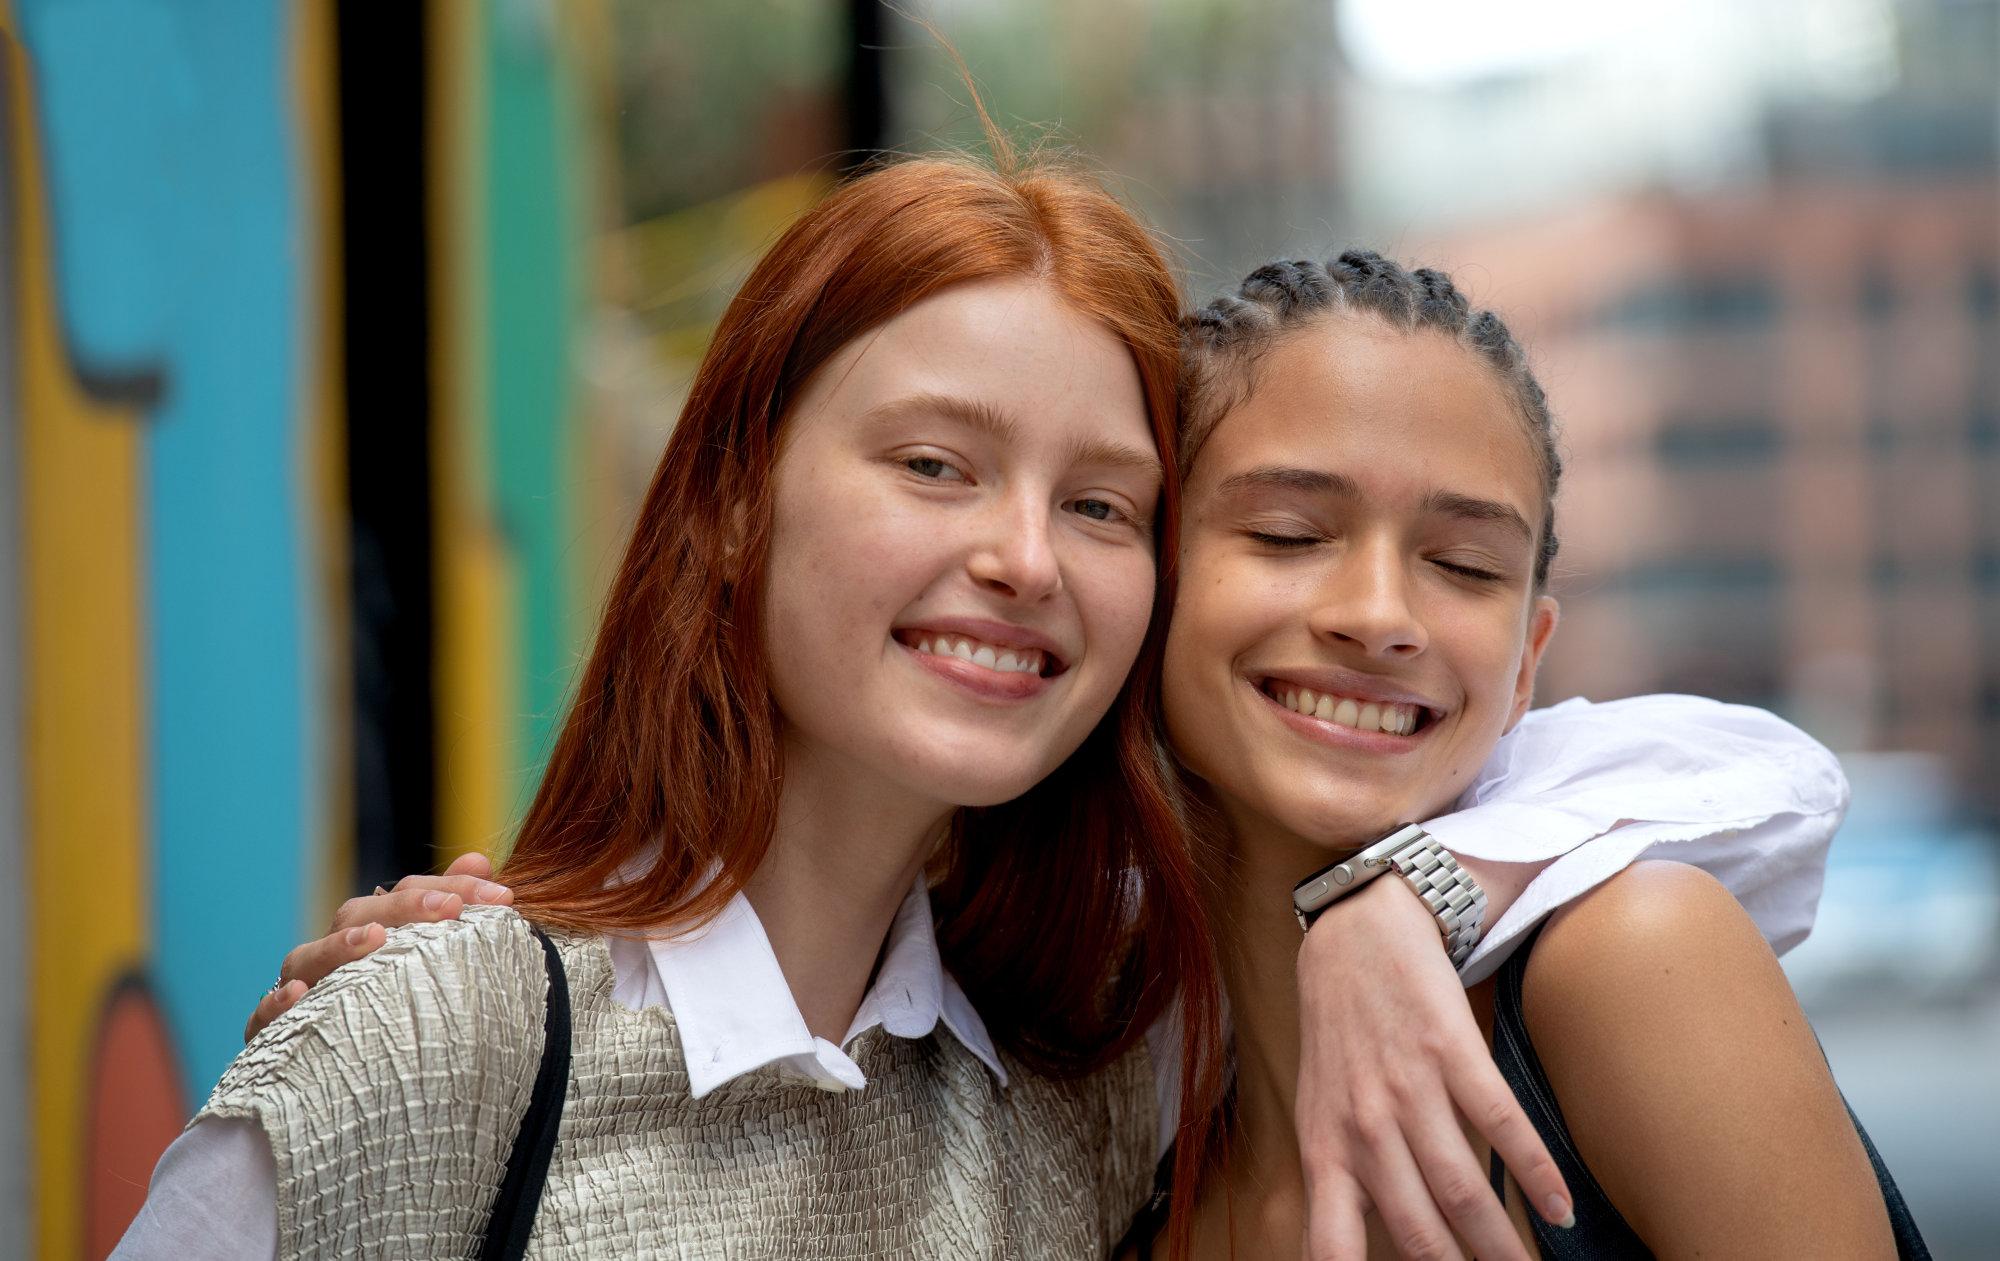 Shoreditch - 16 Sep 21 - Jade & Katerina